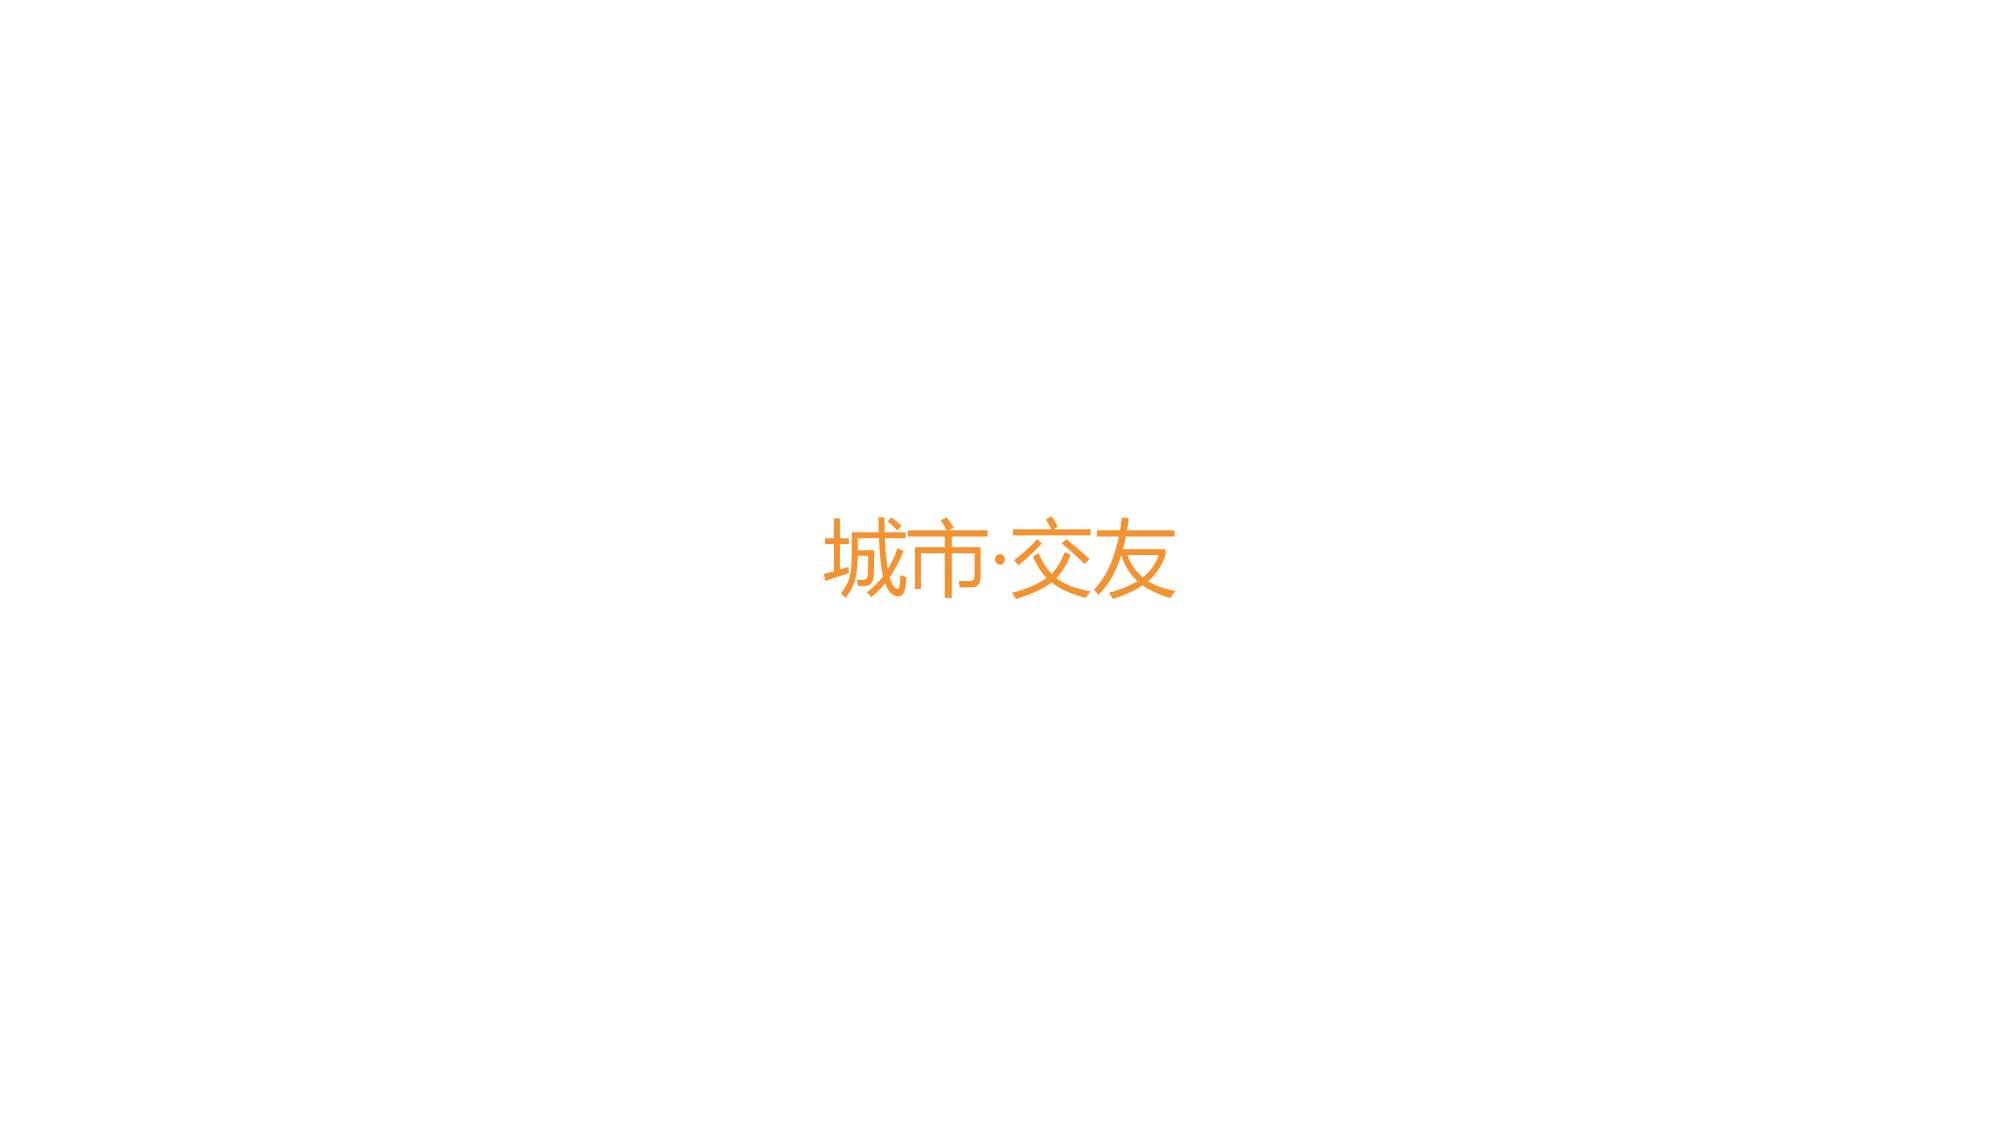 中国智能出行2015大数据报告_000067